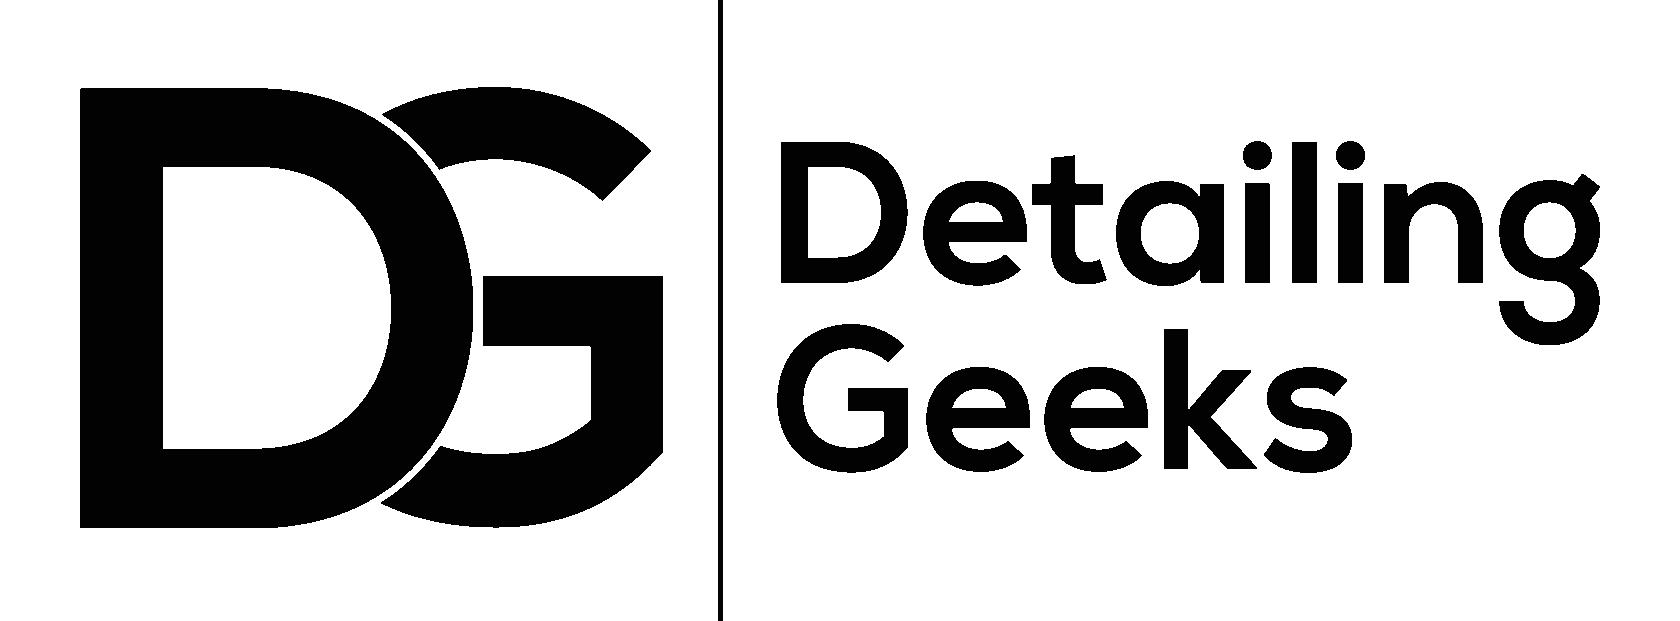 Detailing Geeks